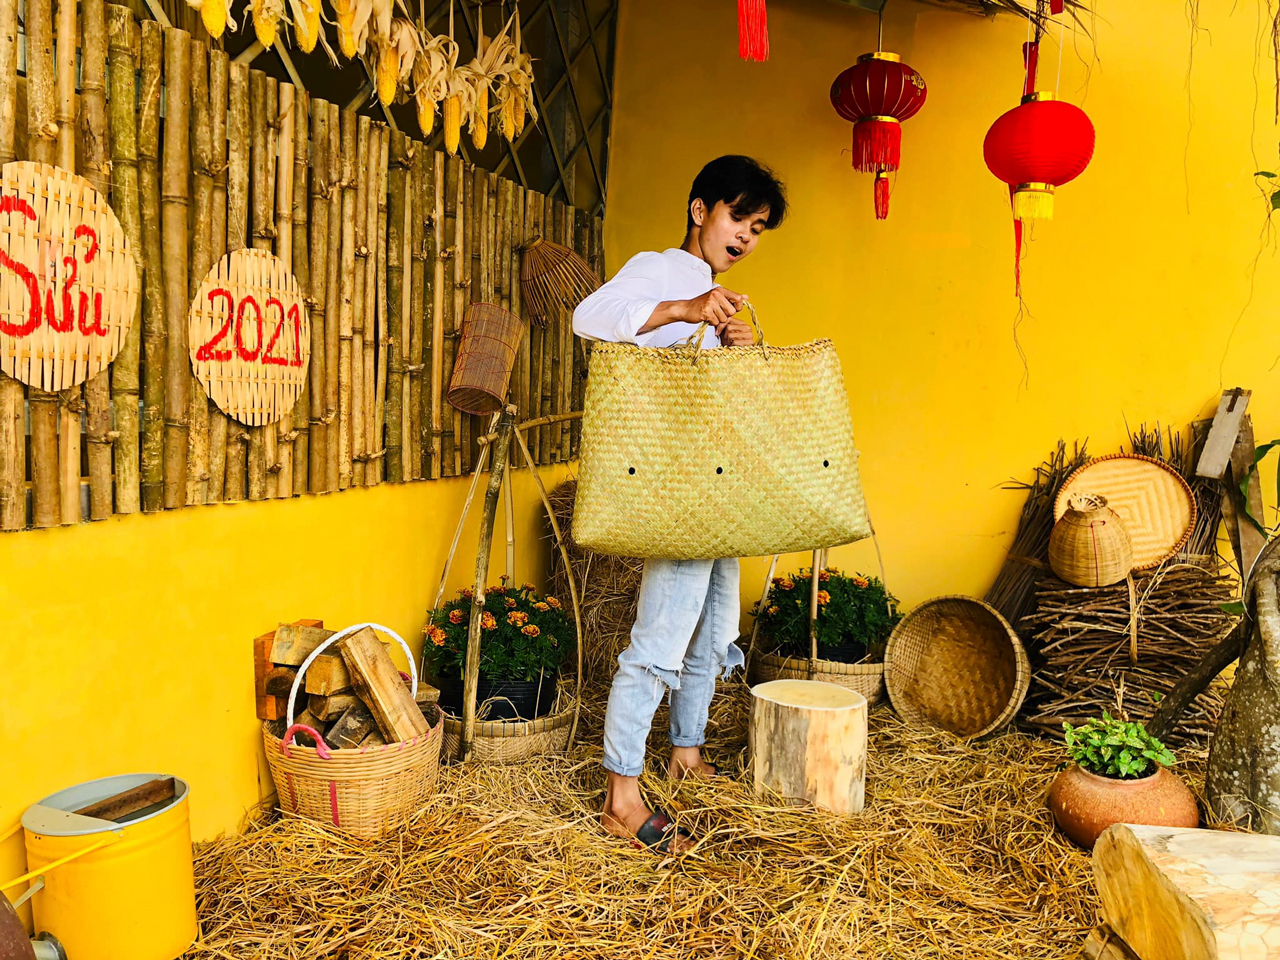 Khách check in tiểu cảnh Tết Tân Sửu ở vườn hoa